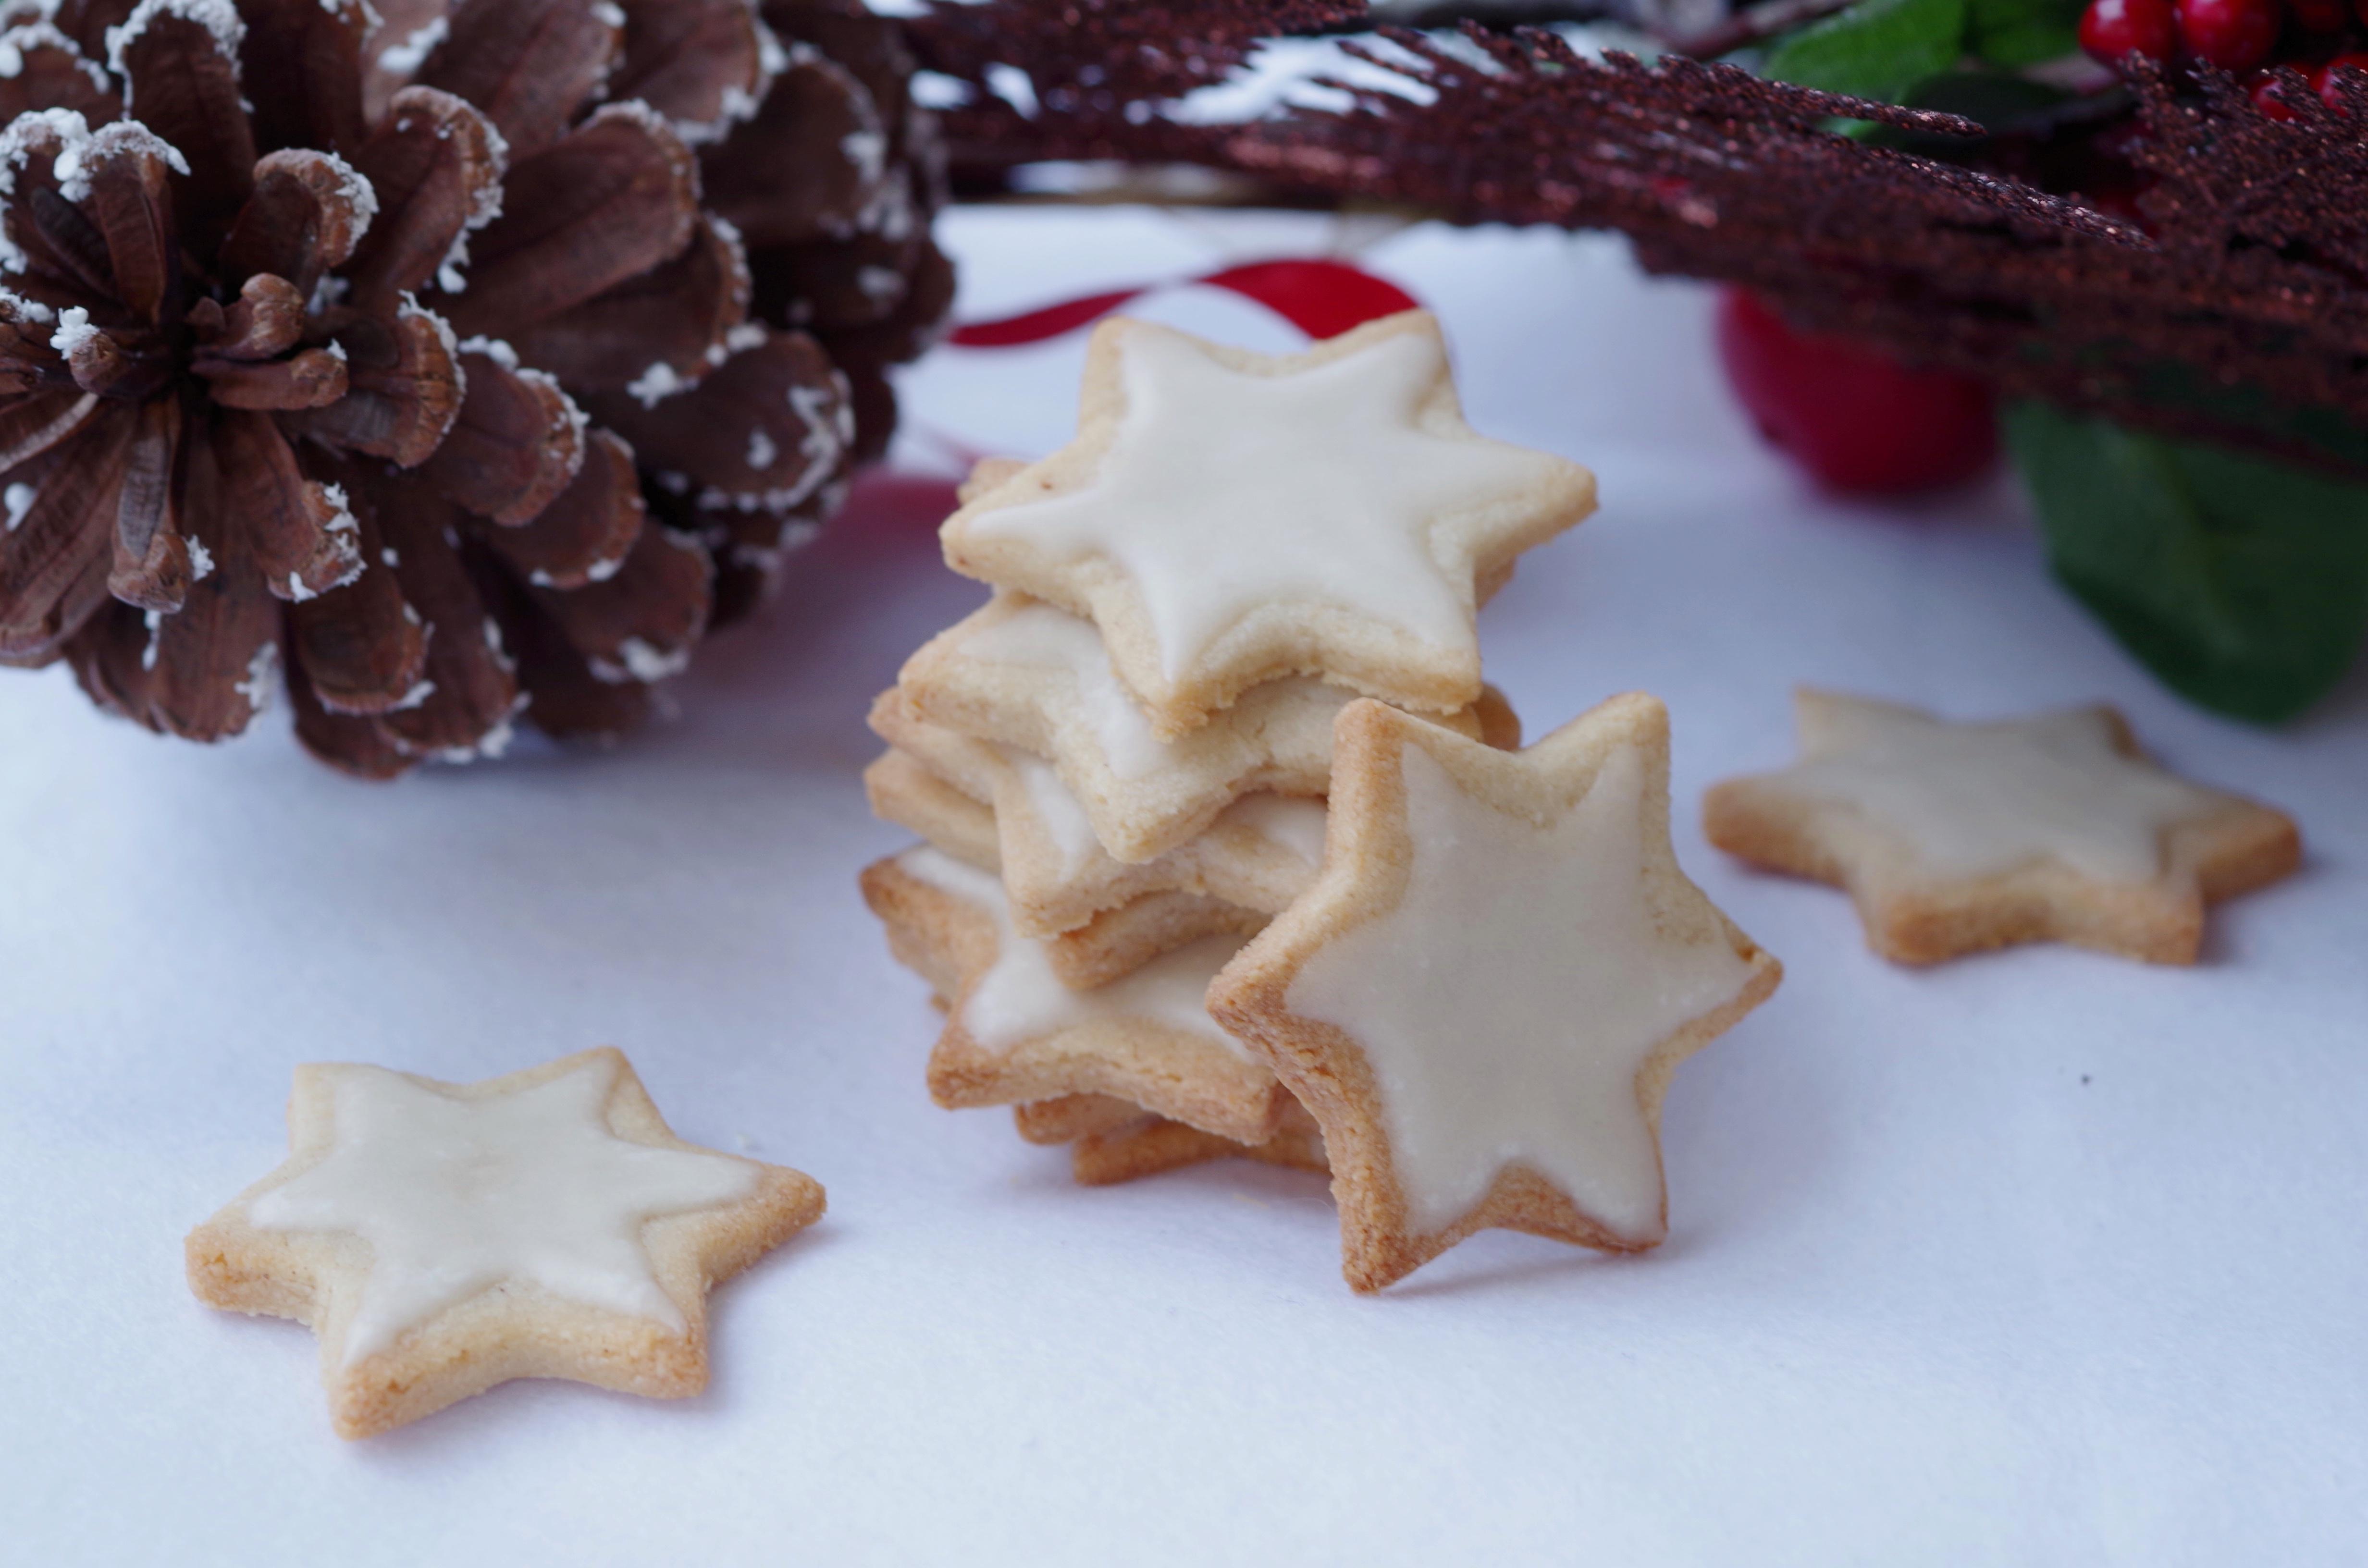 Biscotti Di Natale Zimtsterne.Ricetta Zitmsterne Il Peperoncino Verde